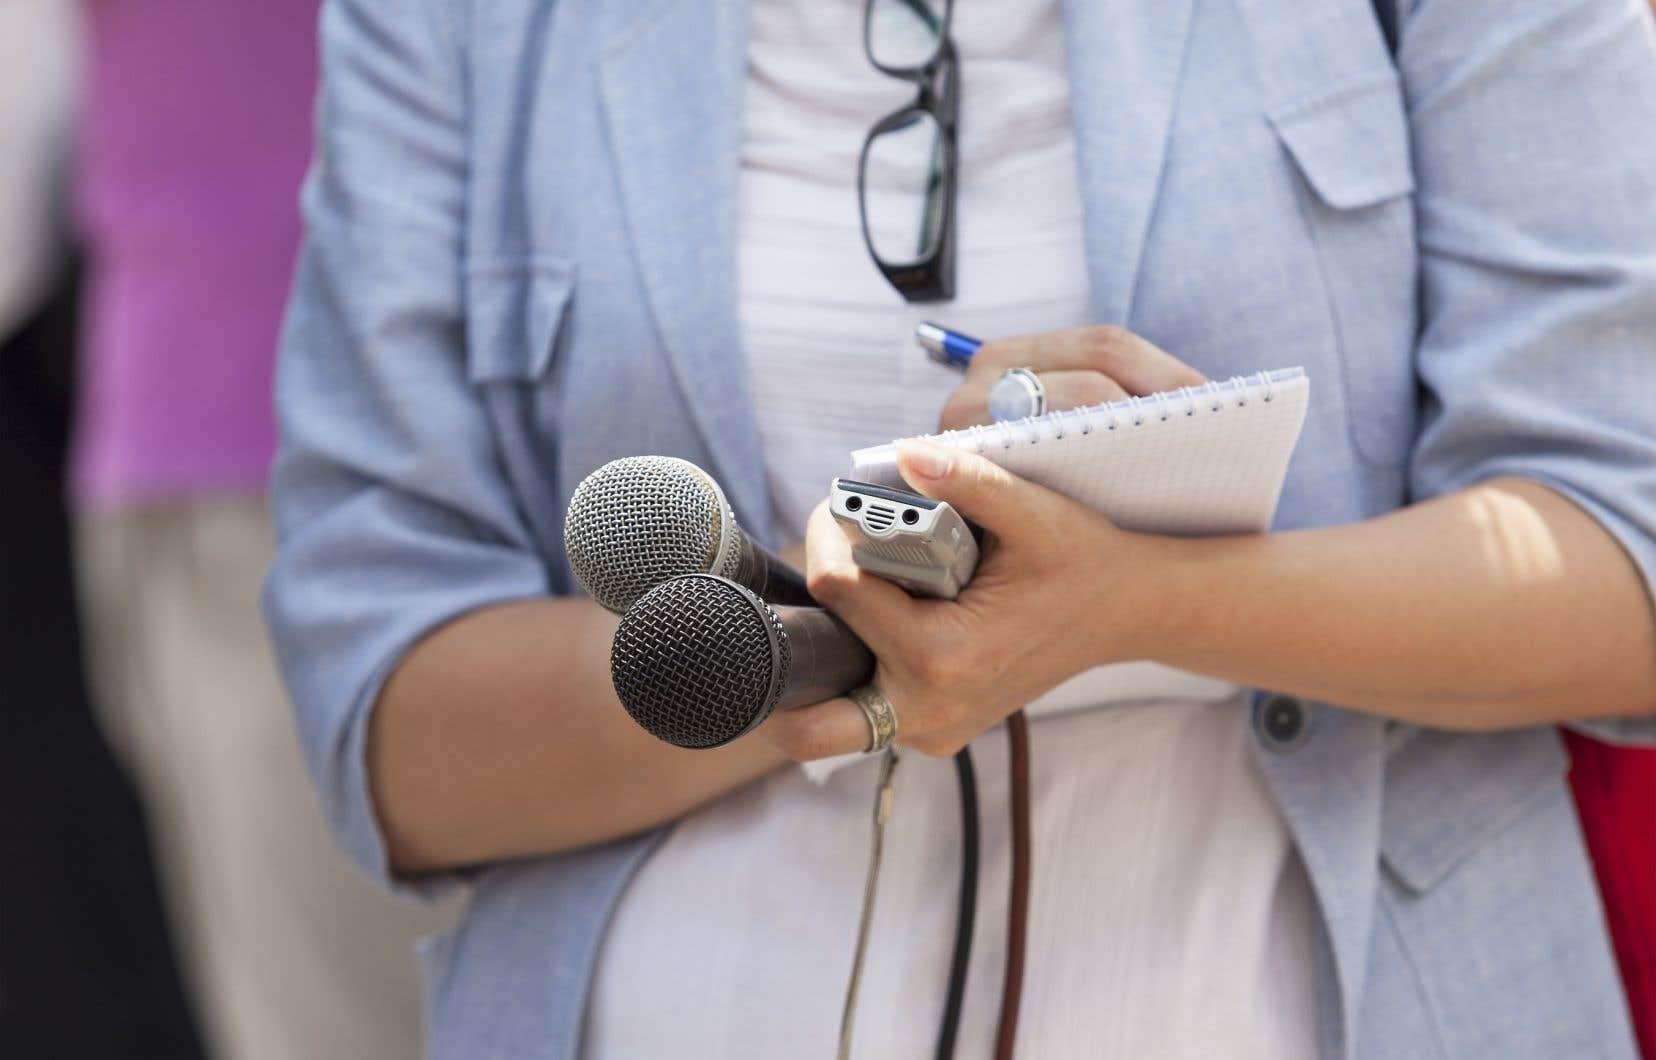 Le Conseil de presse du Québec «invite les journalistes et les médias à la rigueur lorsqu'ils rapportent des informations sur un sujet complexe et sensible comme celui des armes à feu».